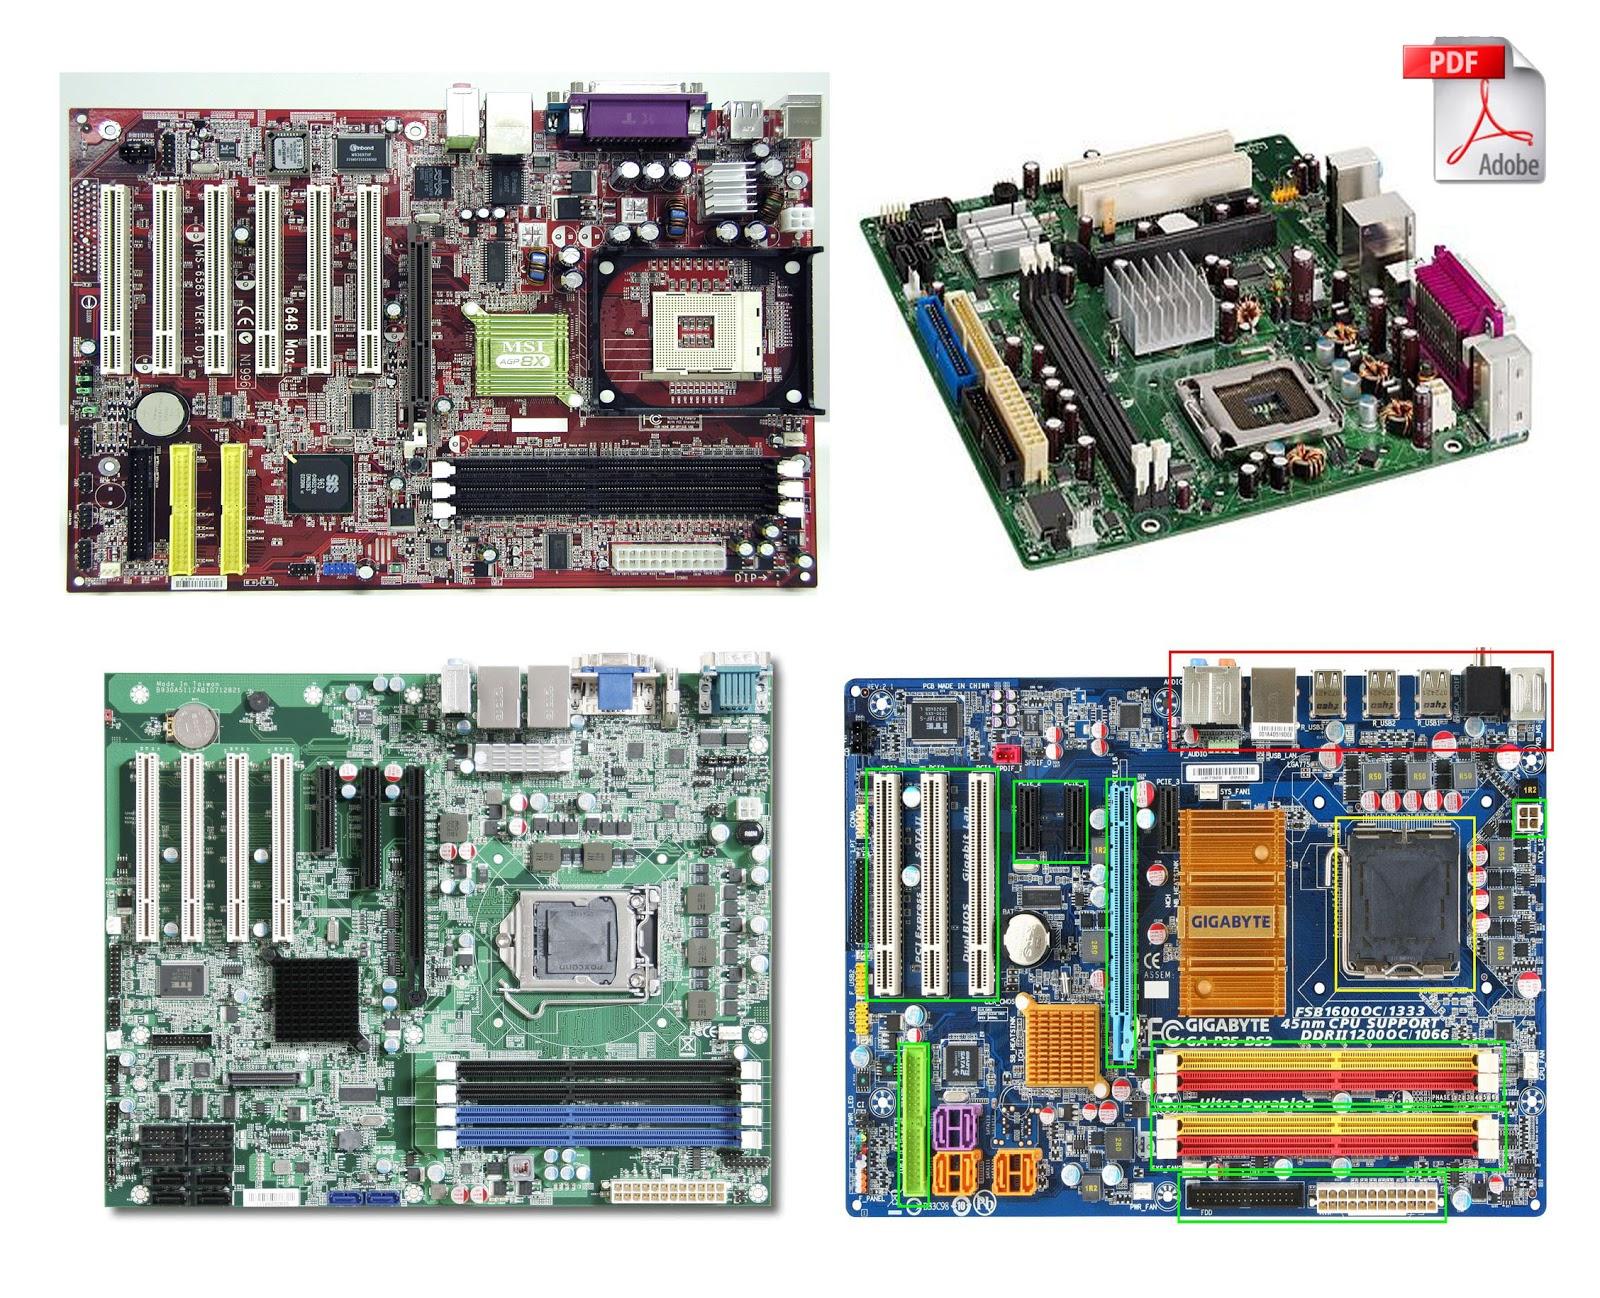 K7vm2 motherboard Manual